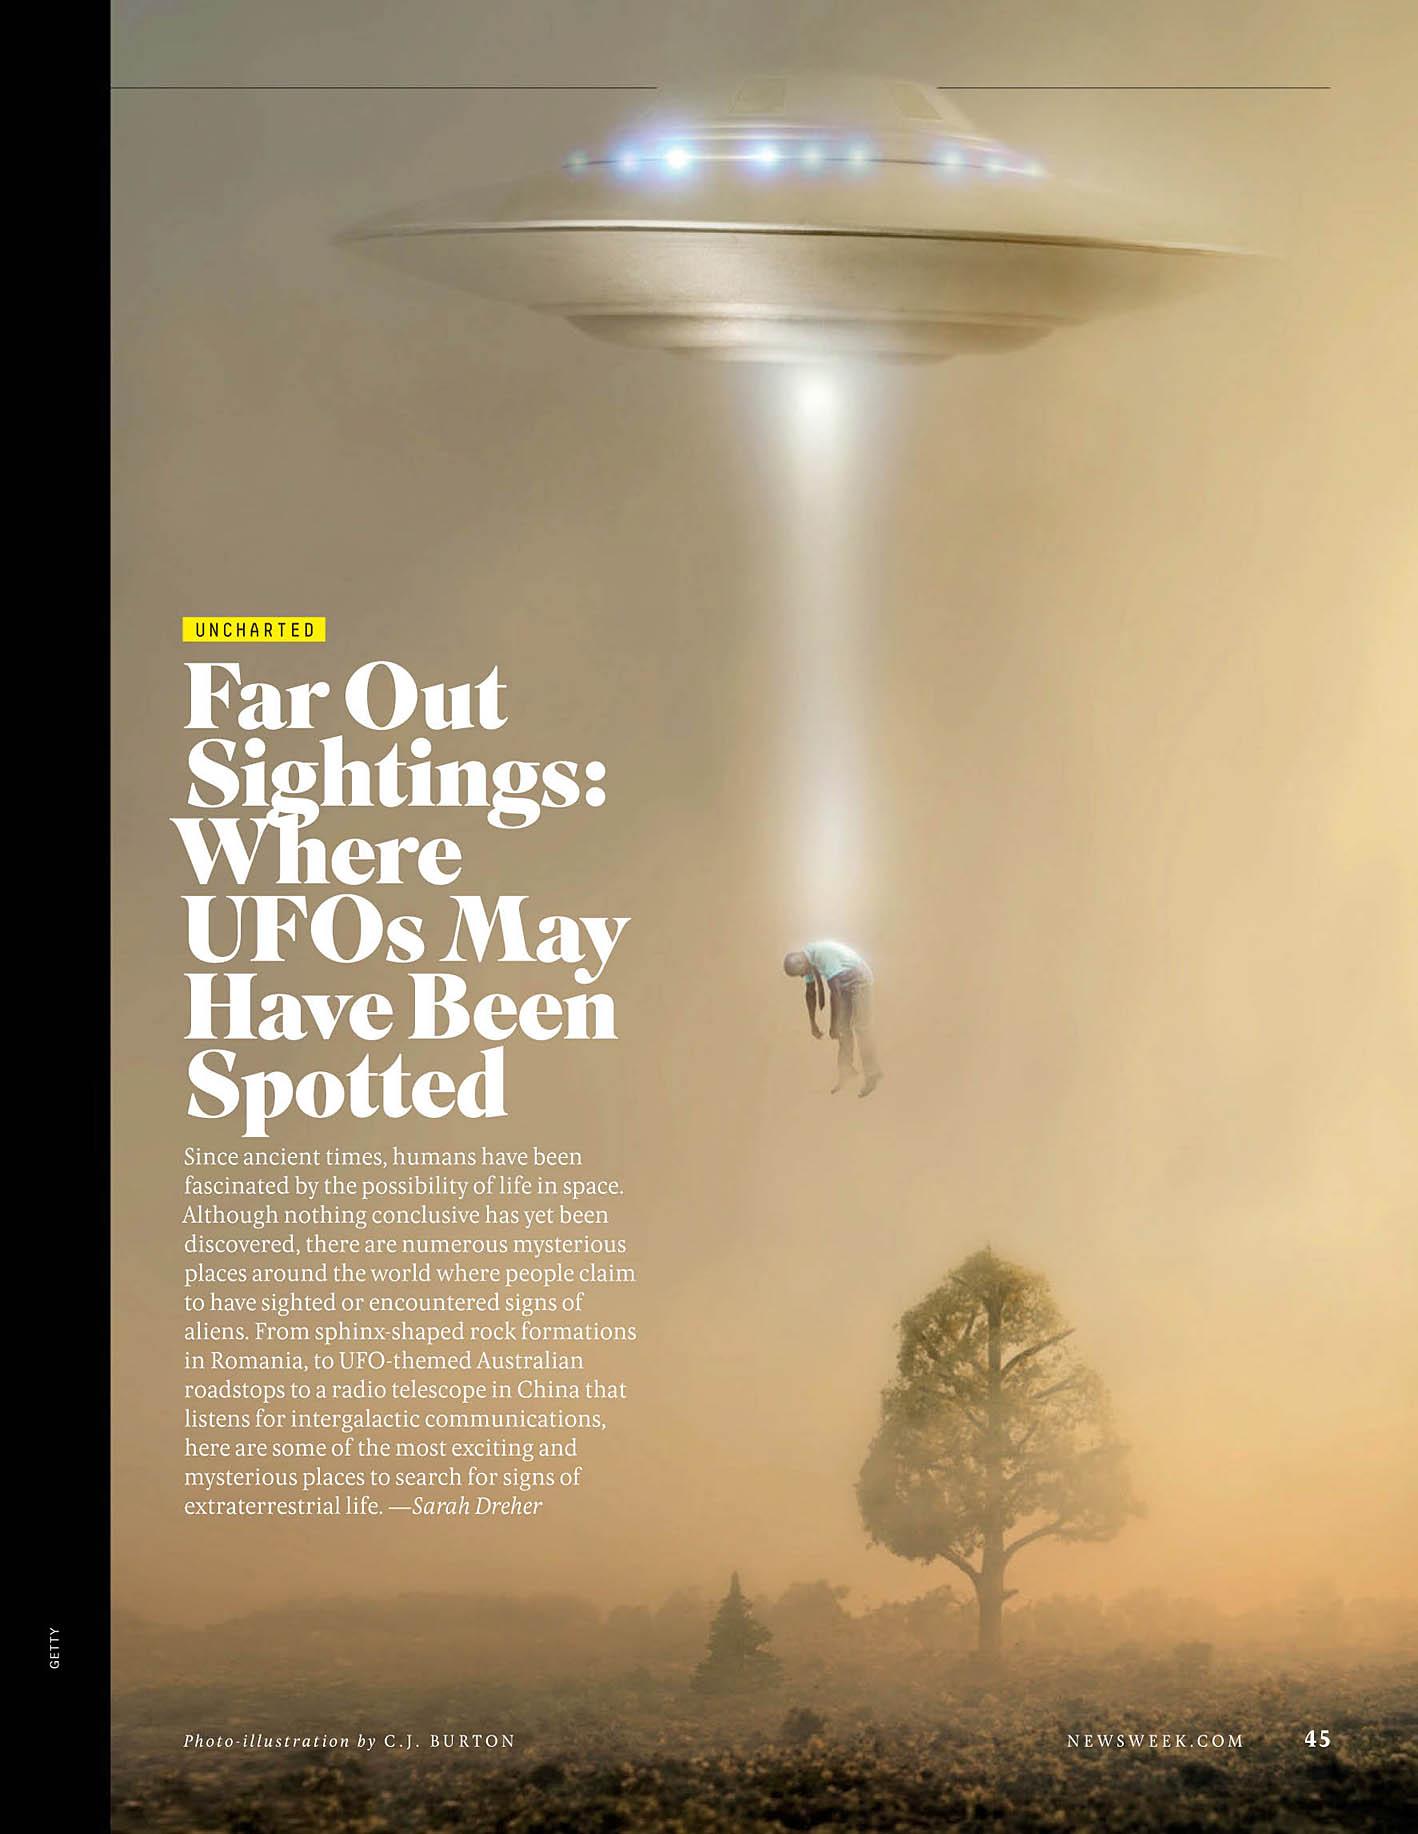 Newsweek 210604 UFO1.jpg